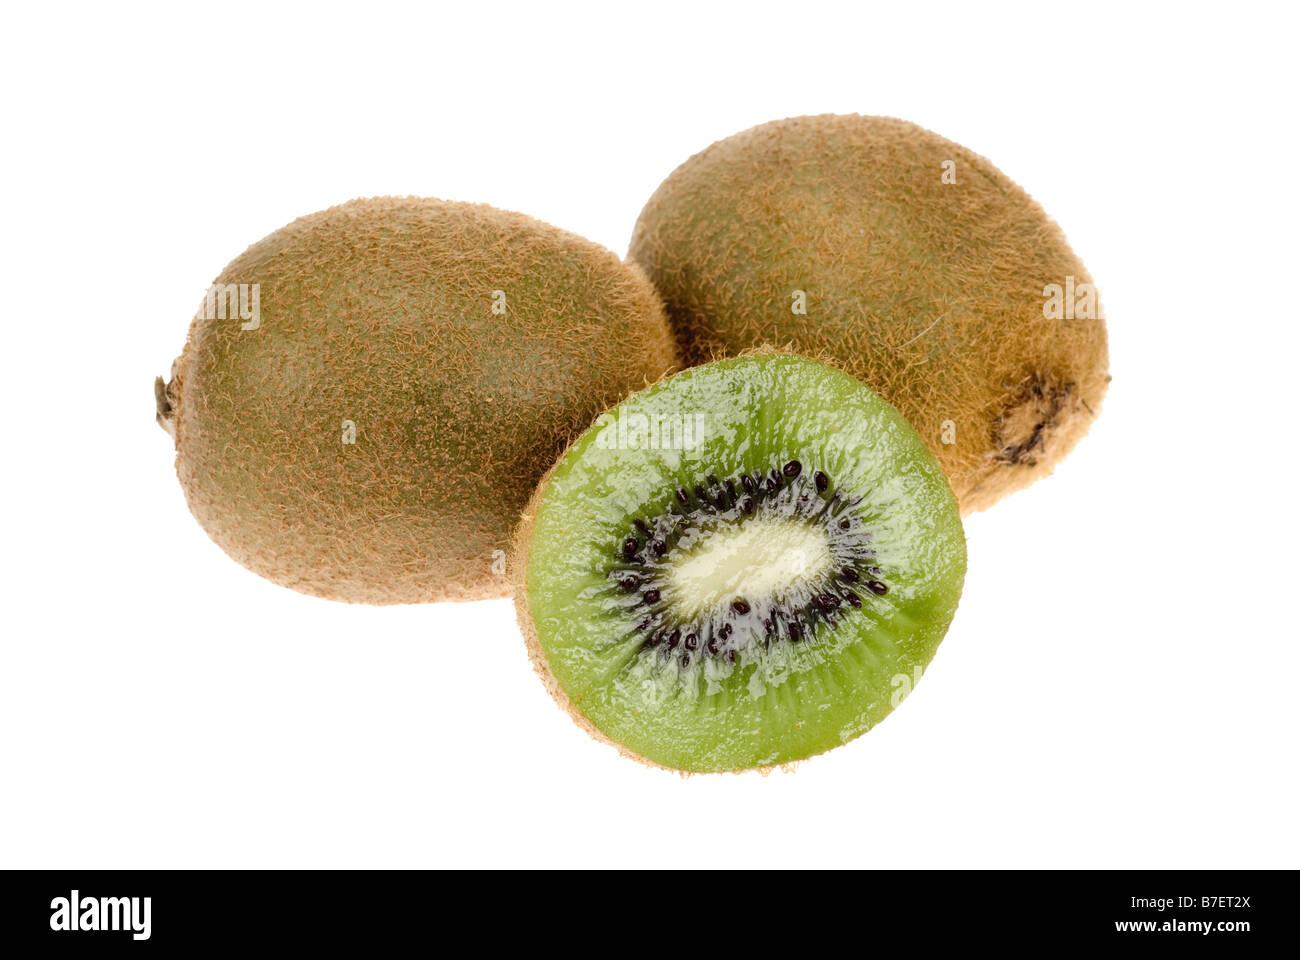 fresh kiwi isolated on a white background - Stock Image